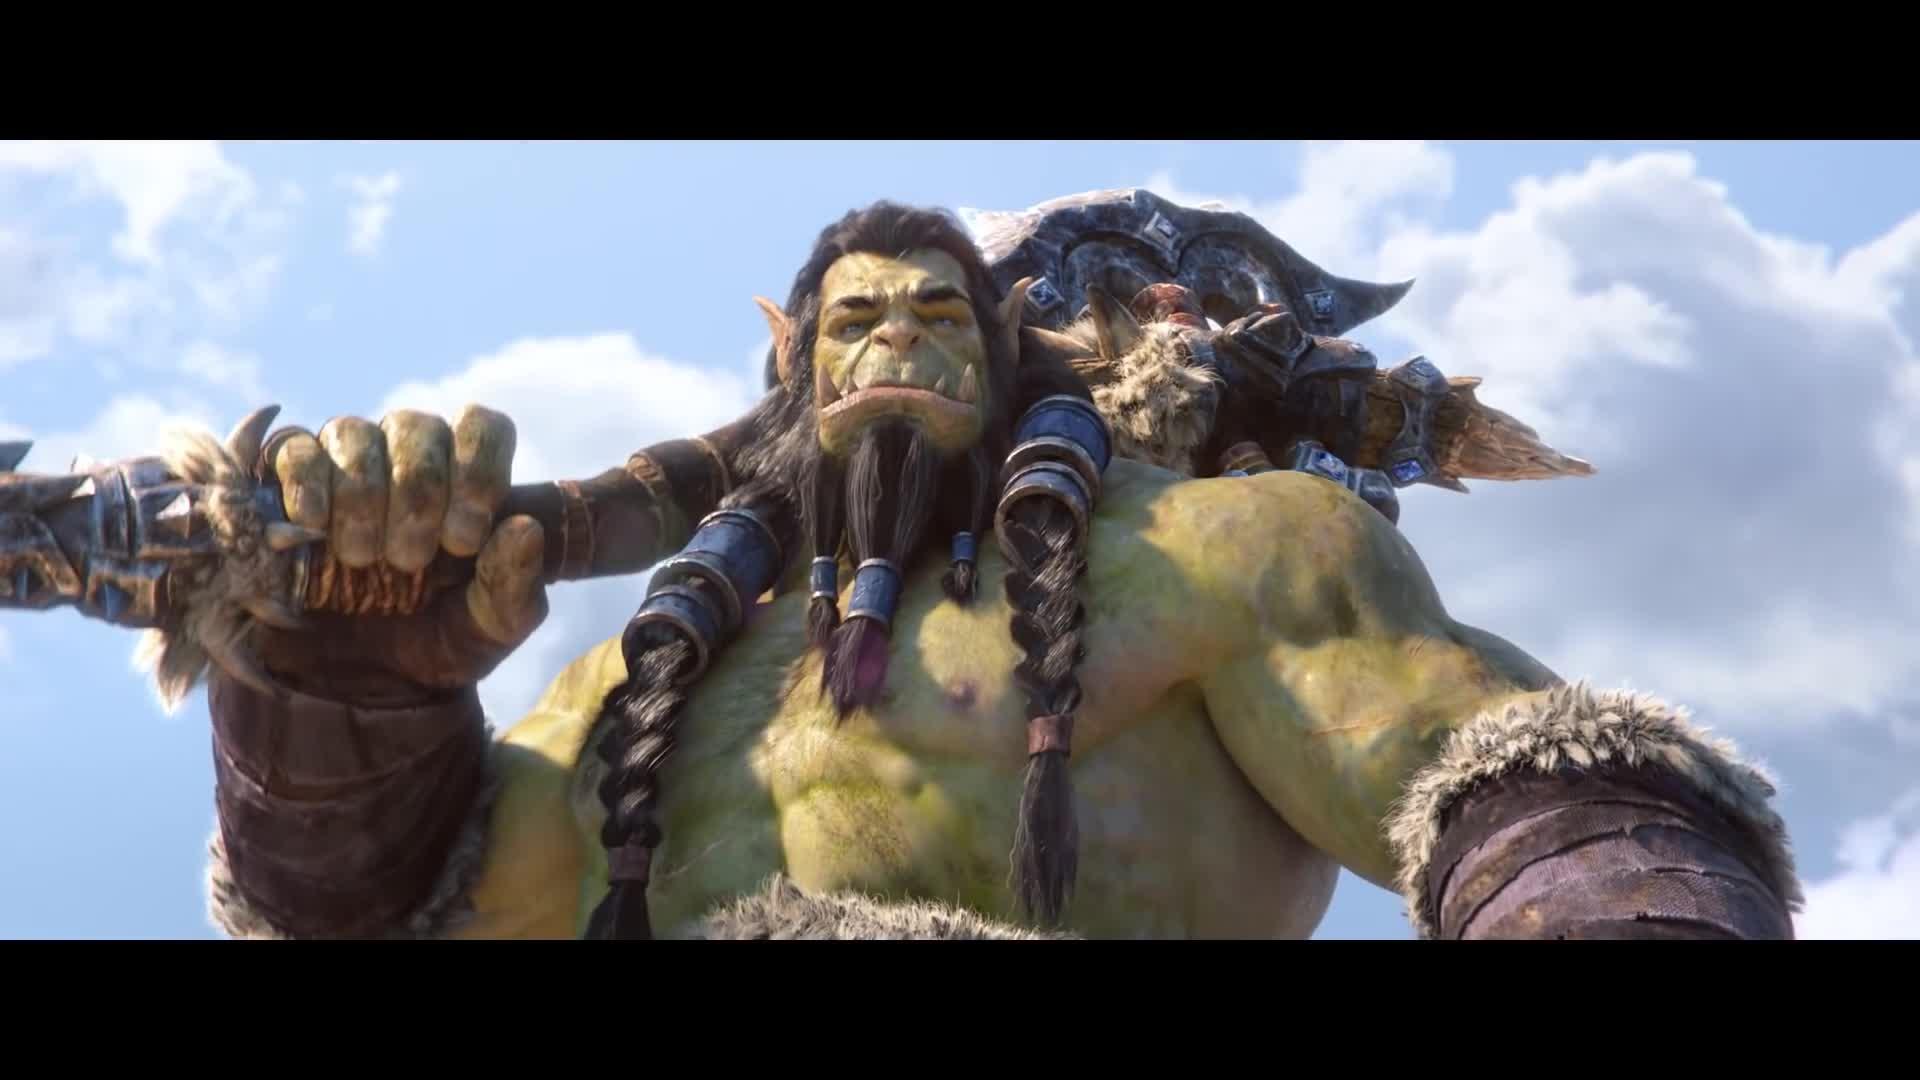 Trailer, Online-Spiele, Blizzard, Mmorpg, Mmo, Online-Rollenspiel, World of Warcraft, Battle for Azeroth